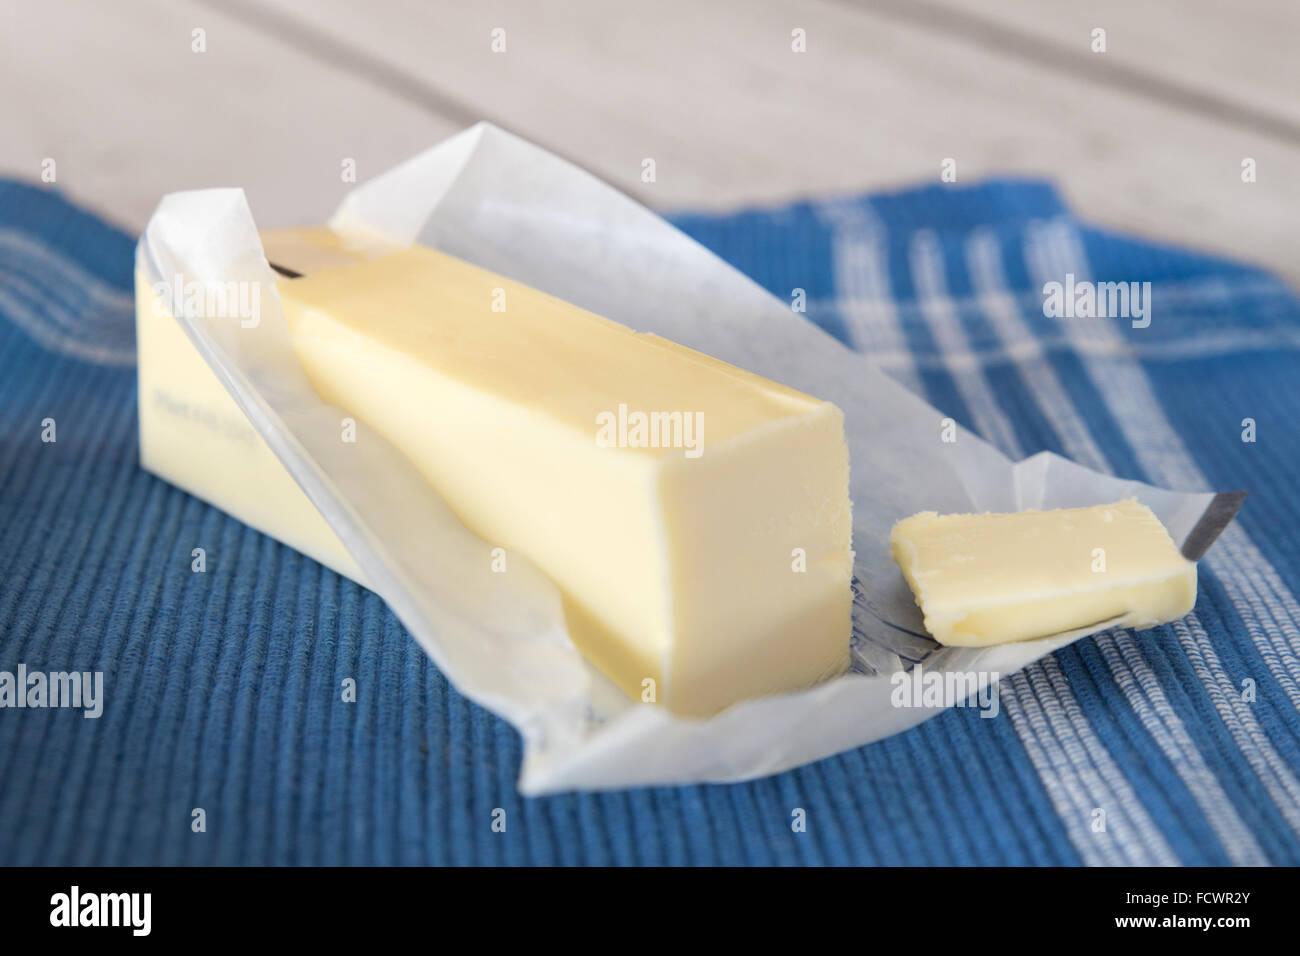 Stück Butter frische Molkerei in geöffneter Verpackung Stockfoto